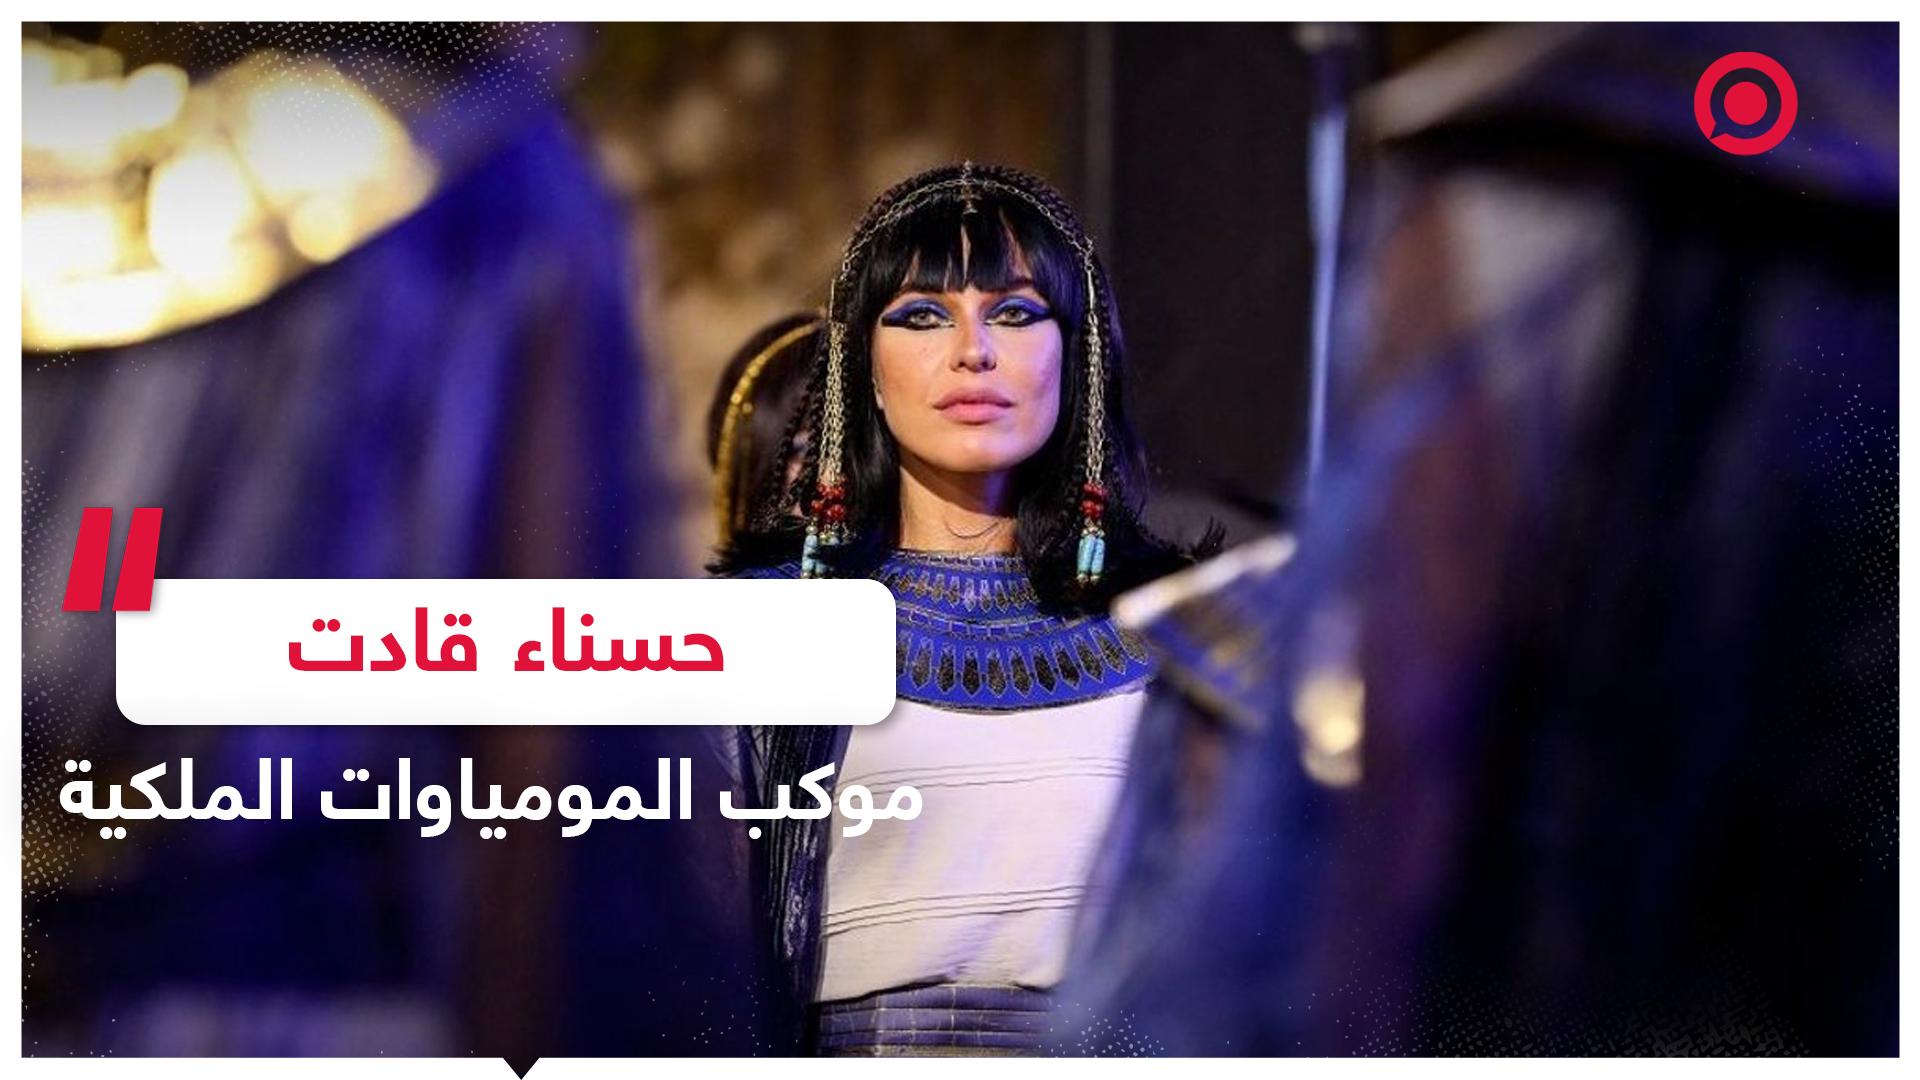 حسناء تثير ضجة في مصر!